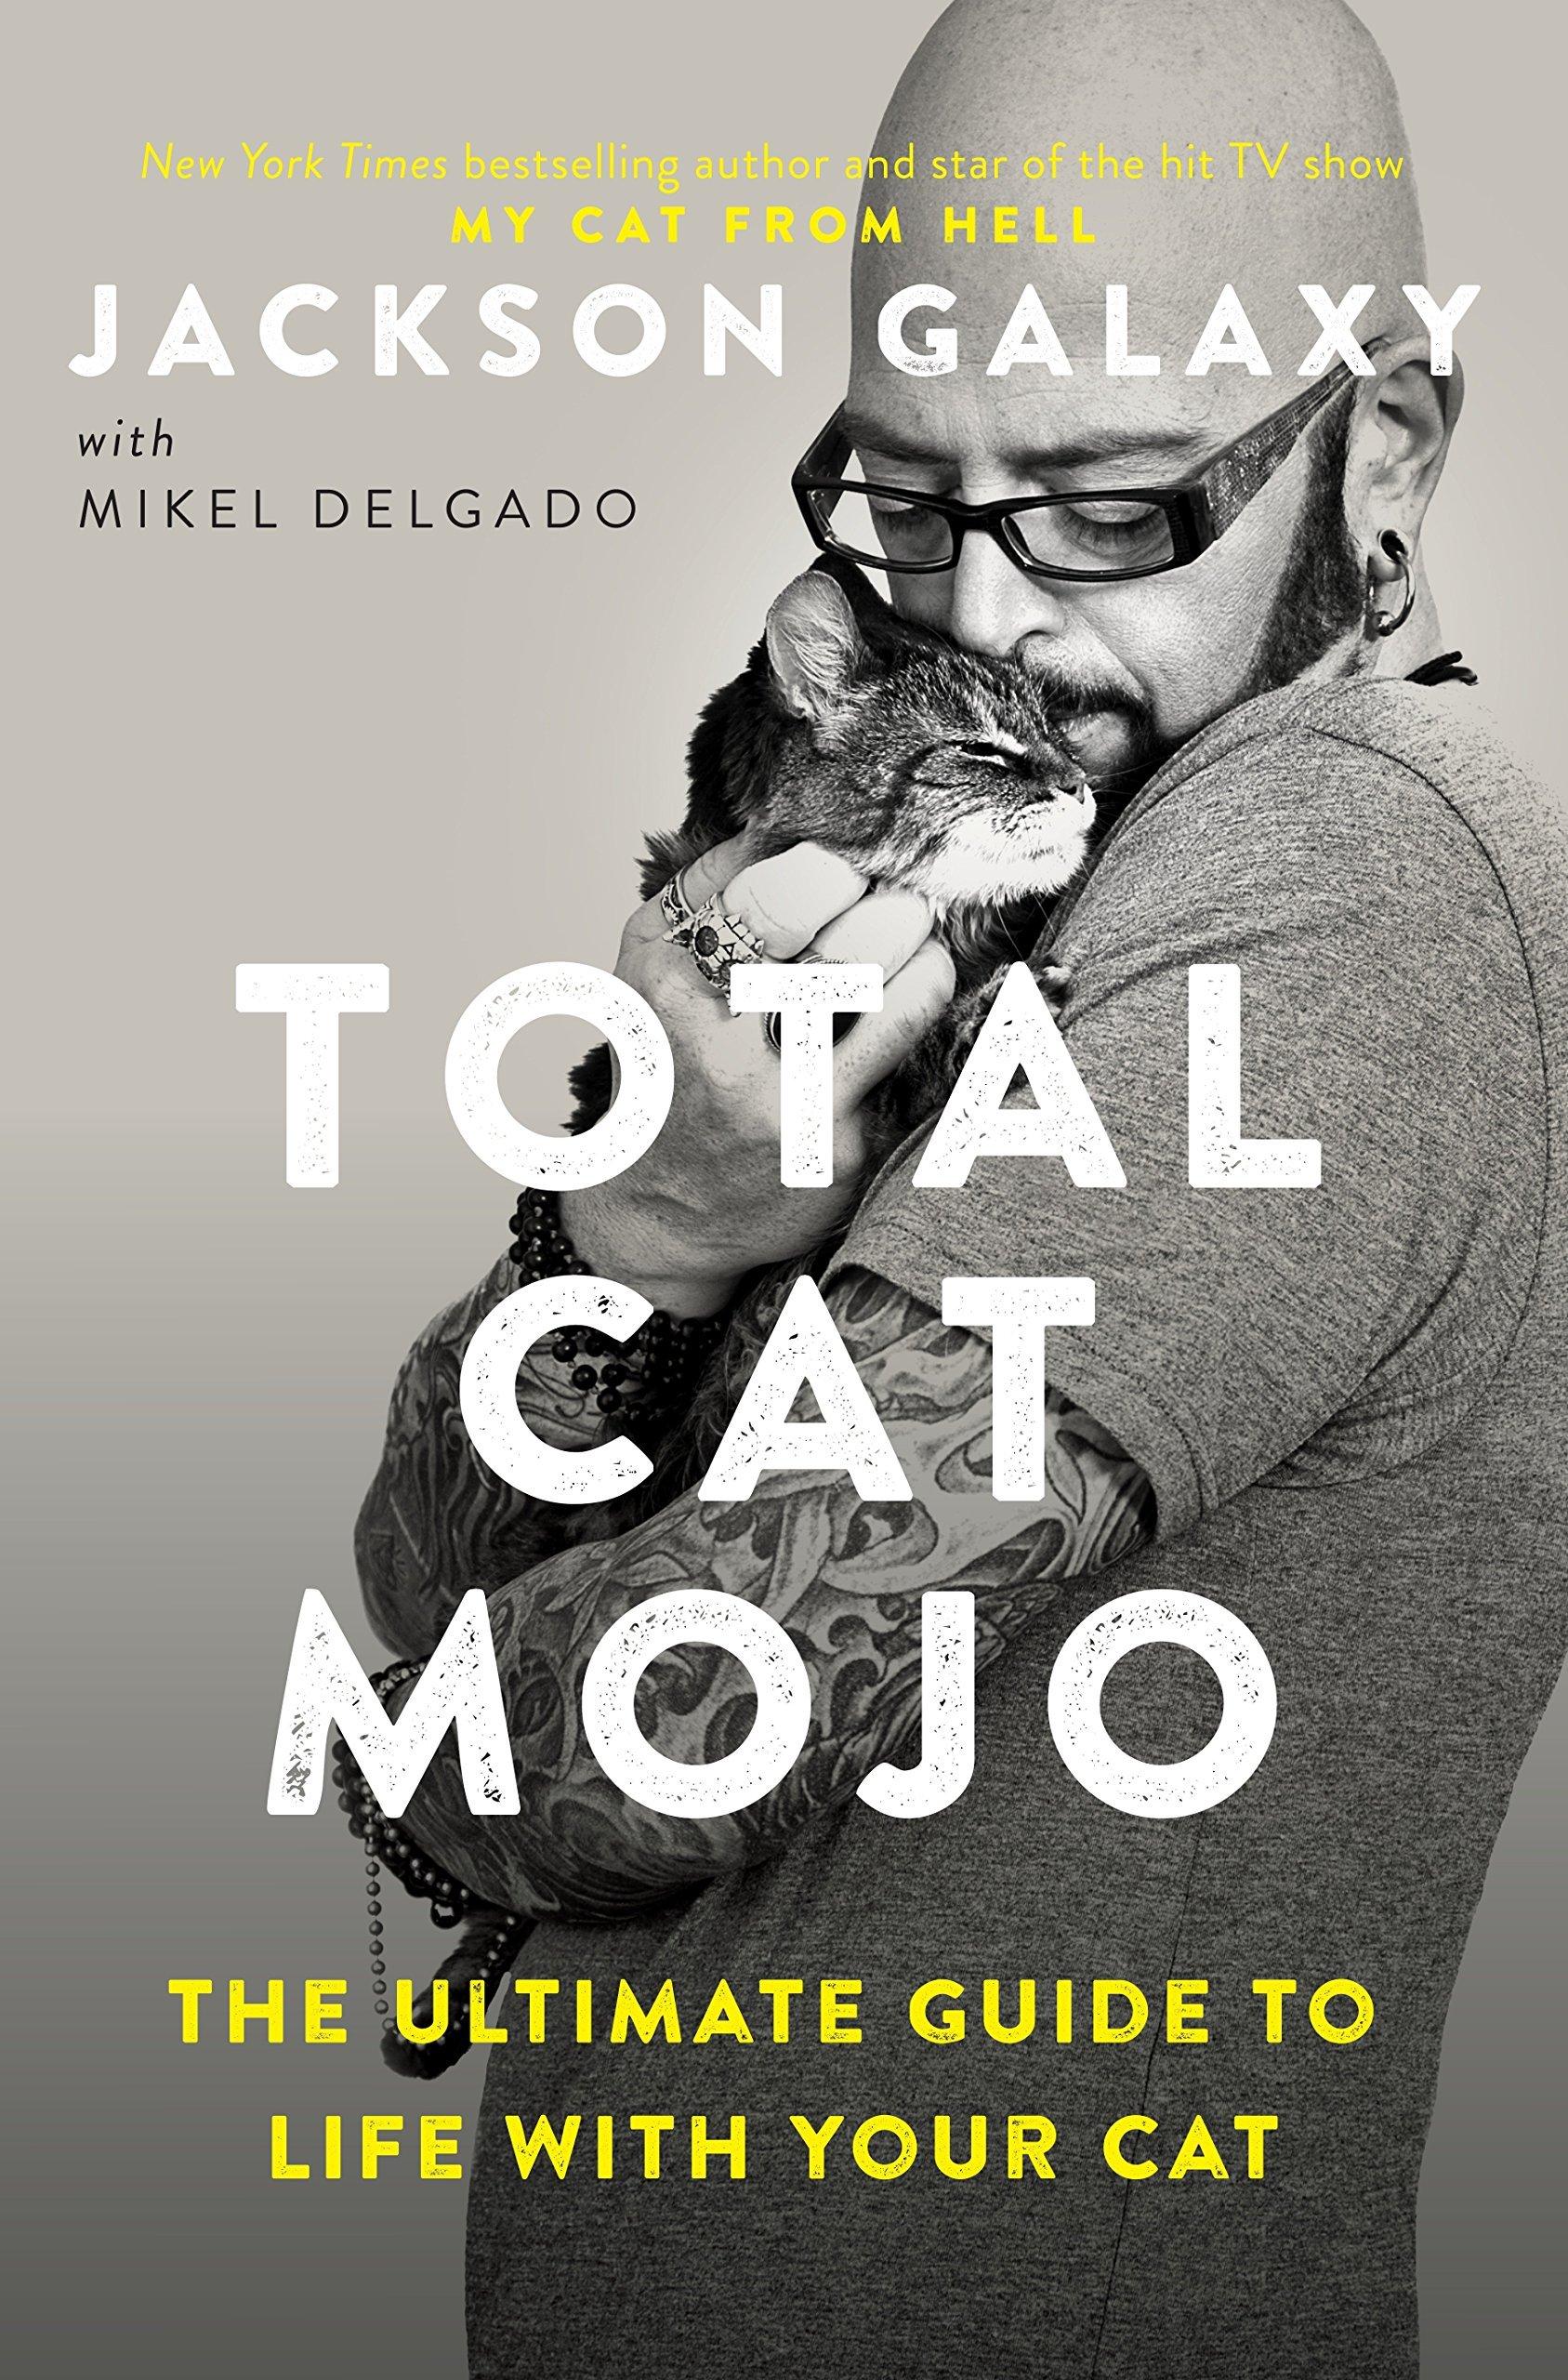 Total Cat Mojo (Jackson Galaxy and Mikel Delgado) Image